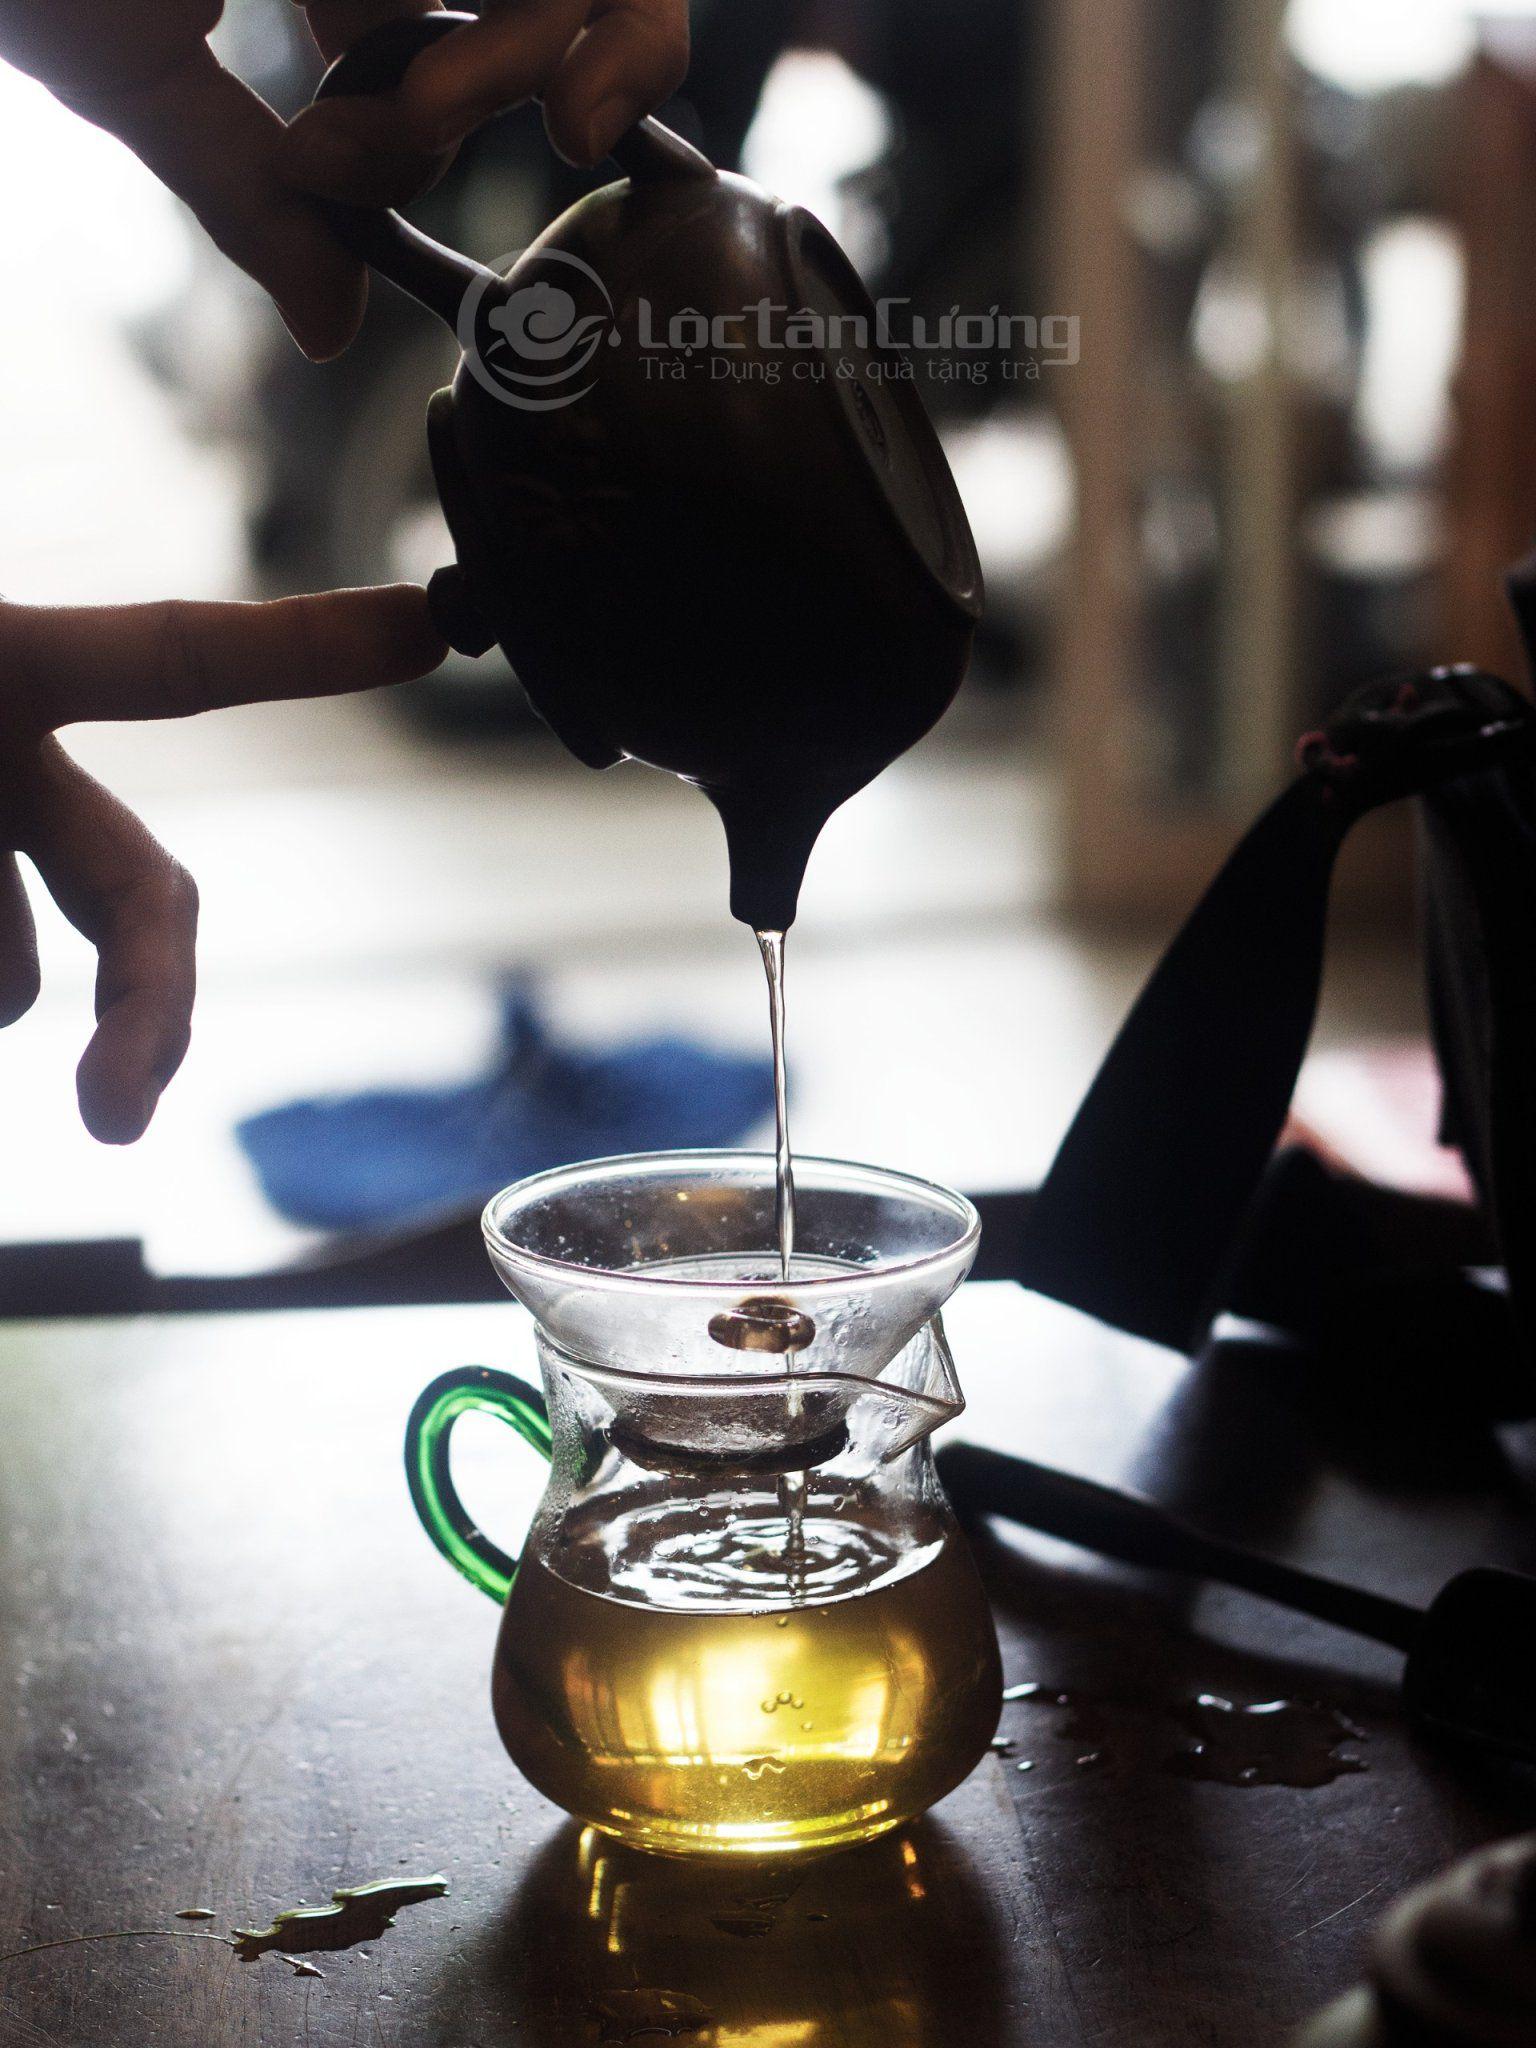 Nghệ thuật pha chè thái nguyên và văn hóa uống trà đã tạo nên một nét đẹp văn hóa truyền thống của người Việt Nam